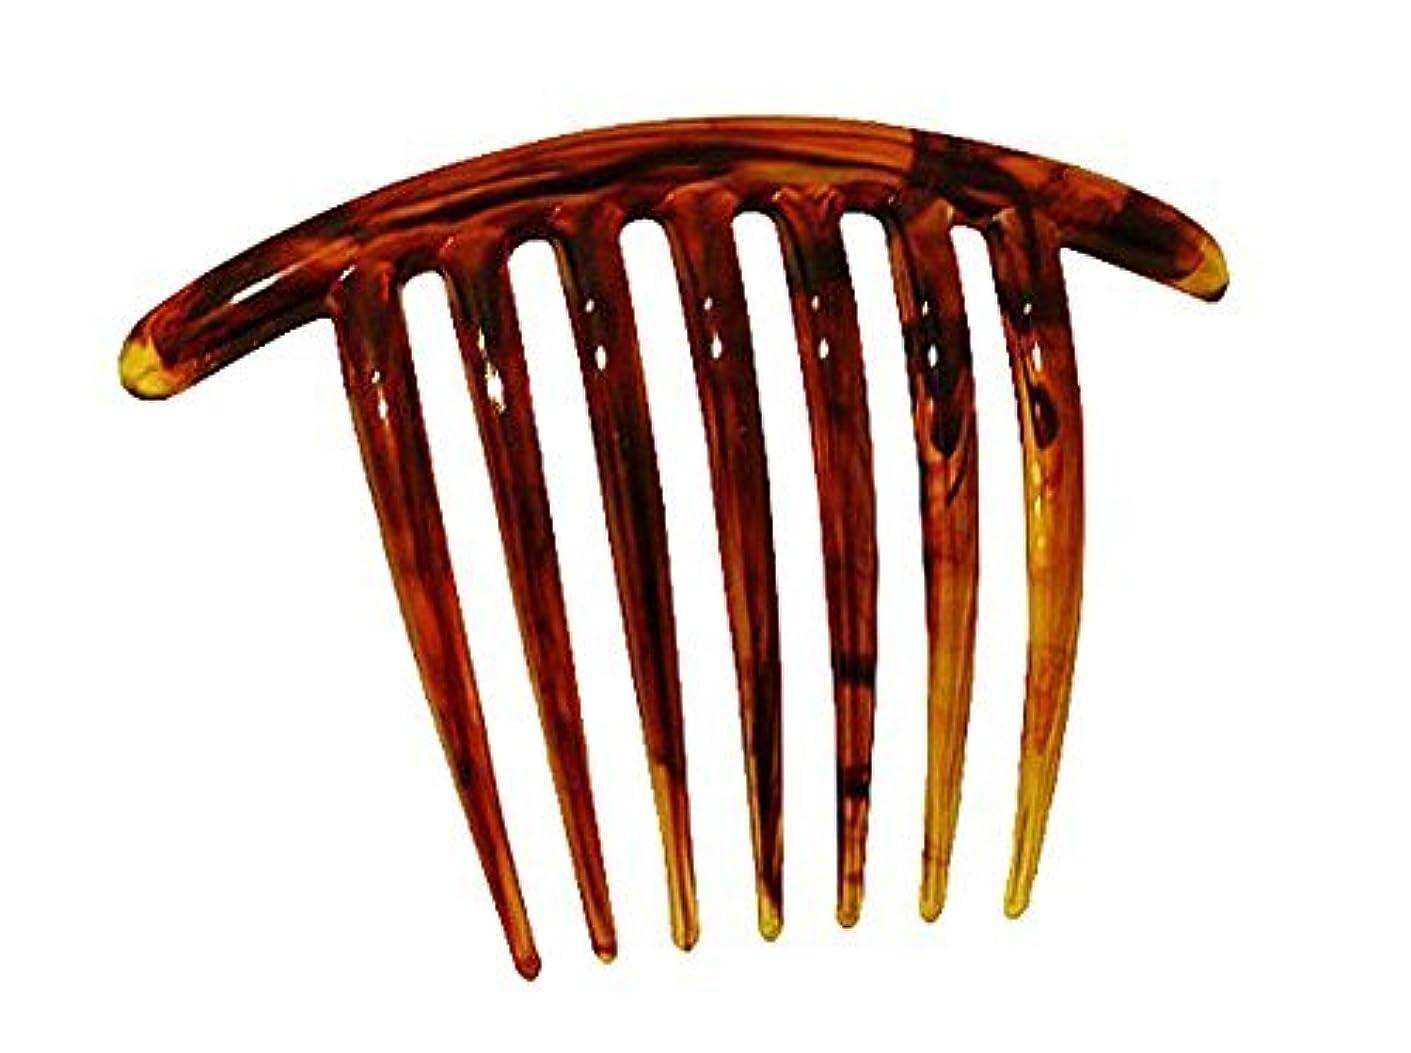 公爵懲らしめ虚栄心French Twist Comb (set of 5) in Tortoise Shell [並行輸入品]